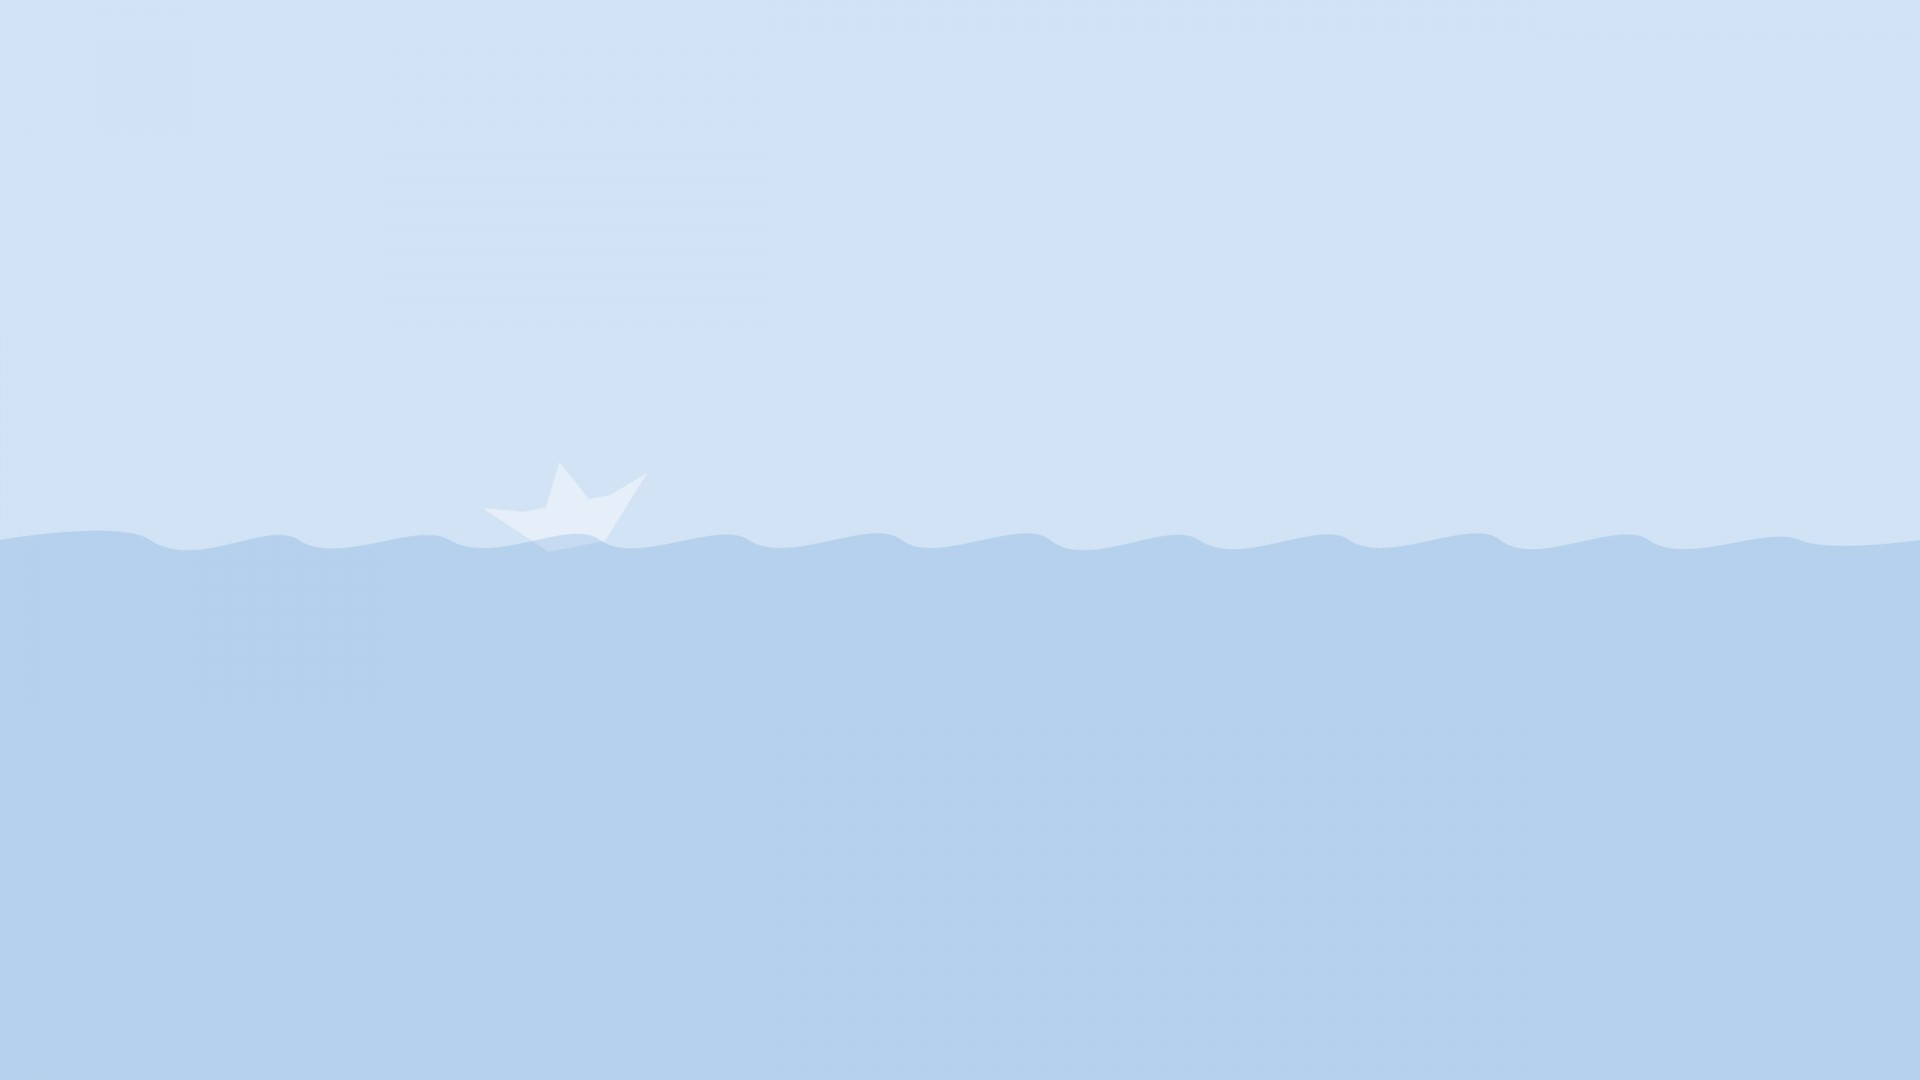 Sky Minimalist Free Wallpaper